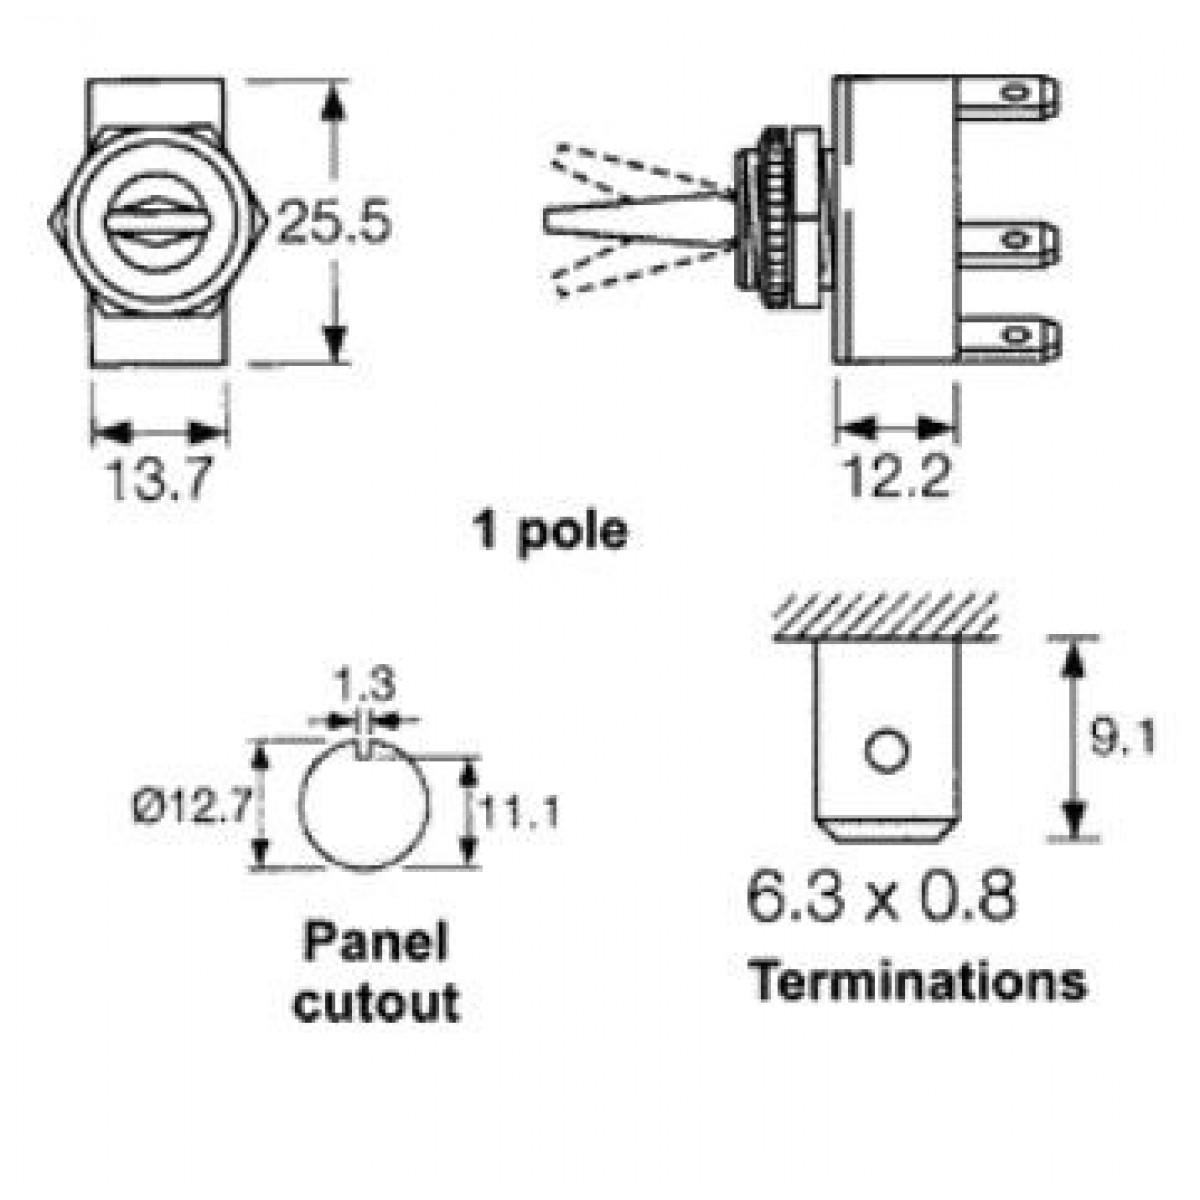 Erfreut 2 Polige Schalterverkabelung Zeitgenössisch - Elektrische ...